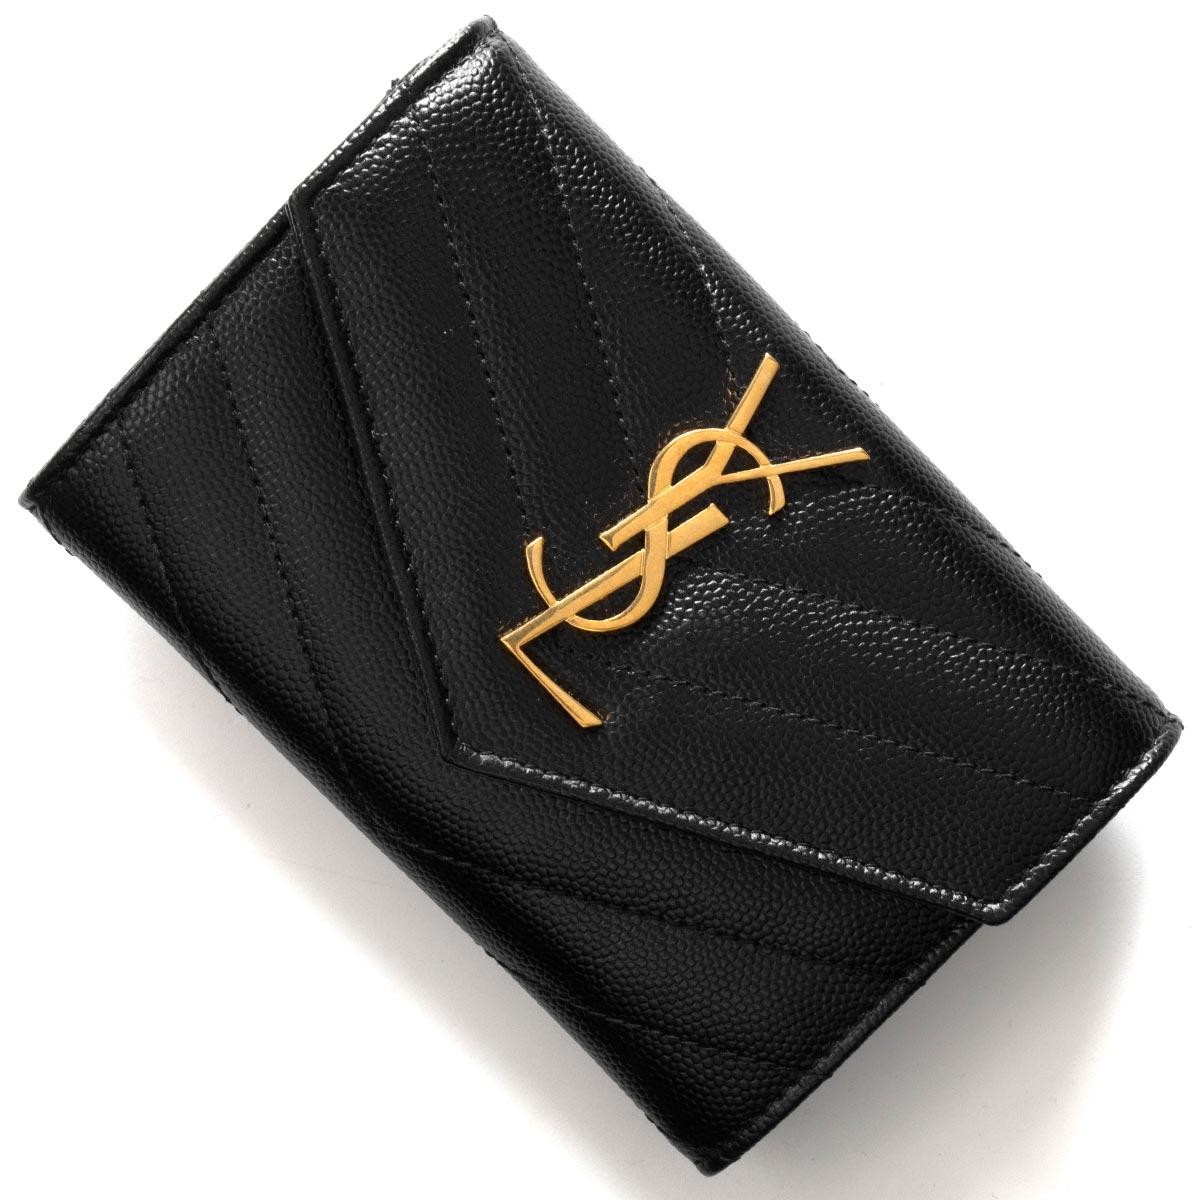 あす楽送料無料 お得クーポン発行中 サンローランパリ イヴサンローラン ミニ財布 カードケース 名刺入れ 財布 レディース モノグラム 1000 卓抜 YSL LAURENT SAINT ブラック PARIS BOW01 414404